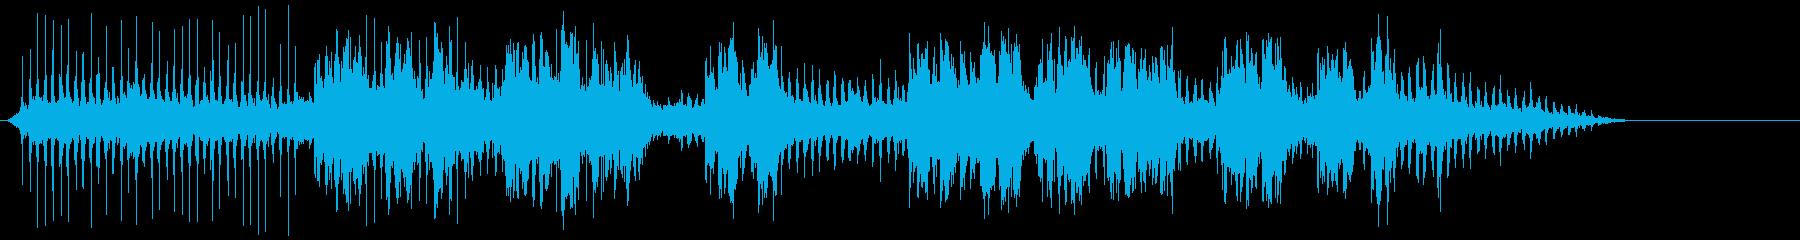 鉄道ホール旋盤の再生済みの波形